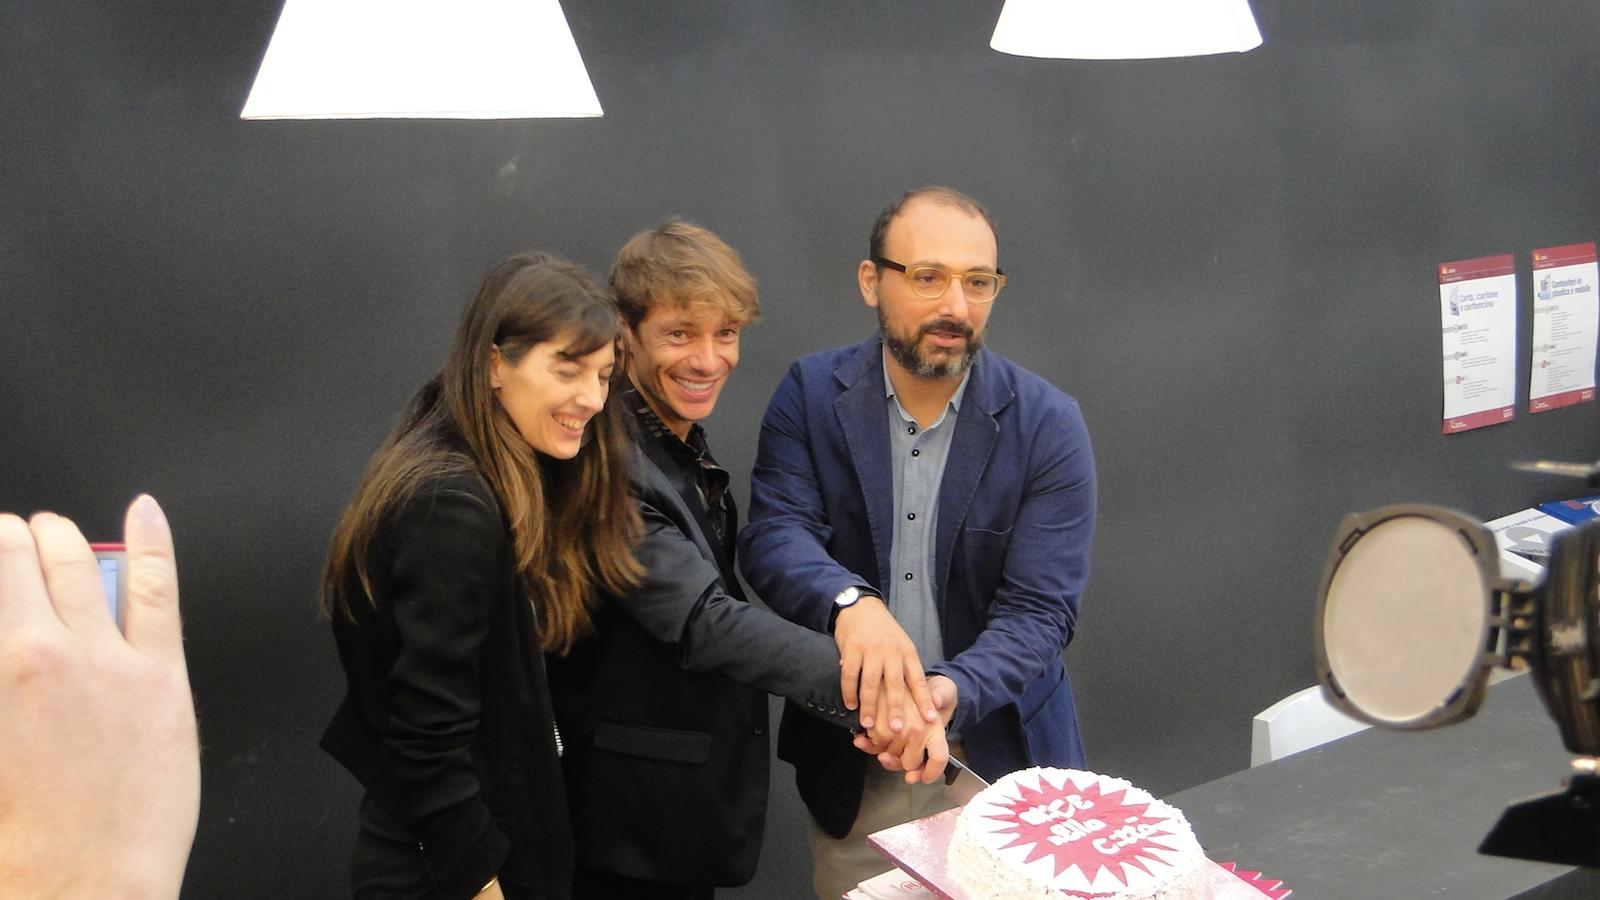 Roma 2014: Giorgio Pasotti taglia la torta all'inaugurazione di Alice nella città